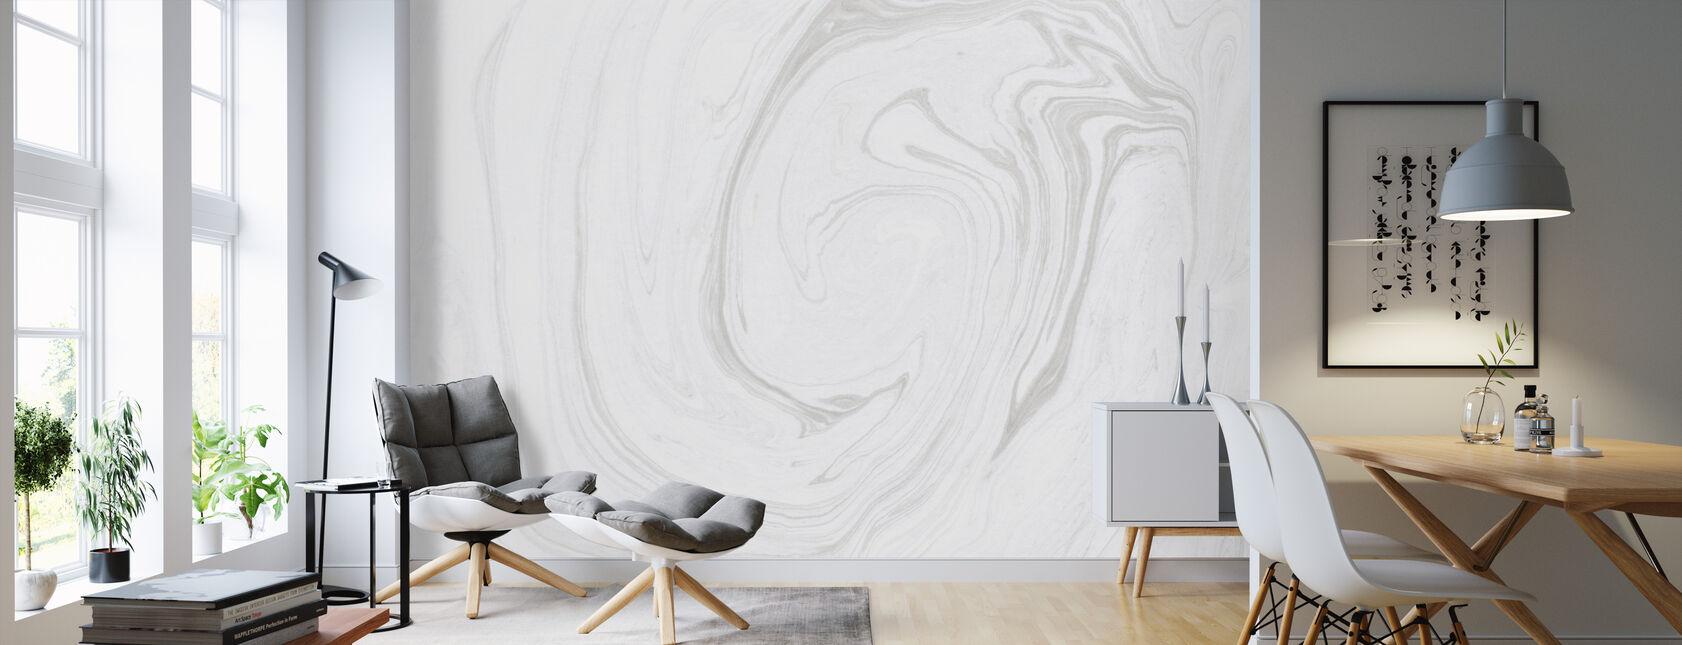 Suminagashi Marbling Kuro IIII - Wallpaper - Living Room